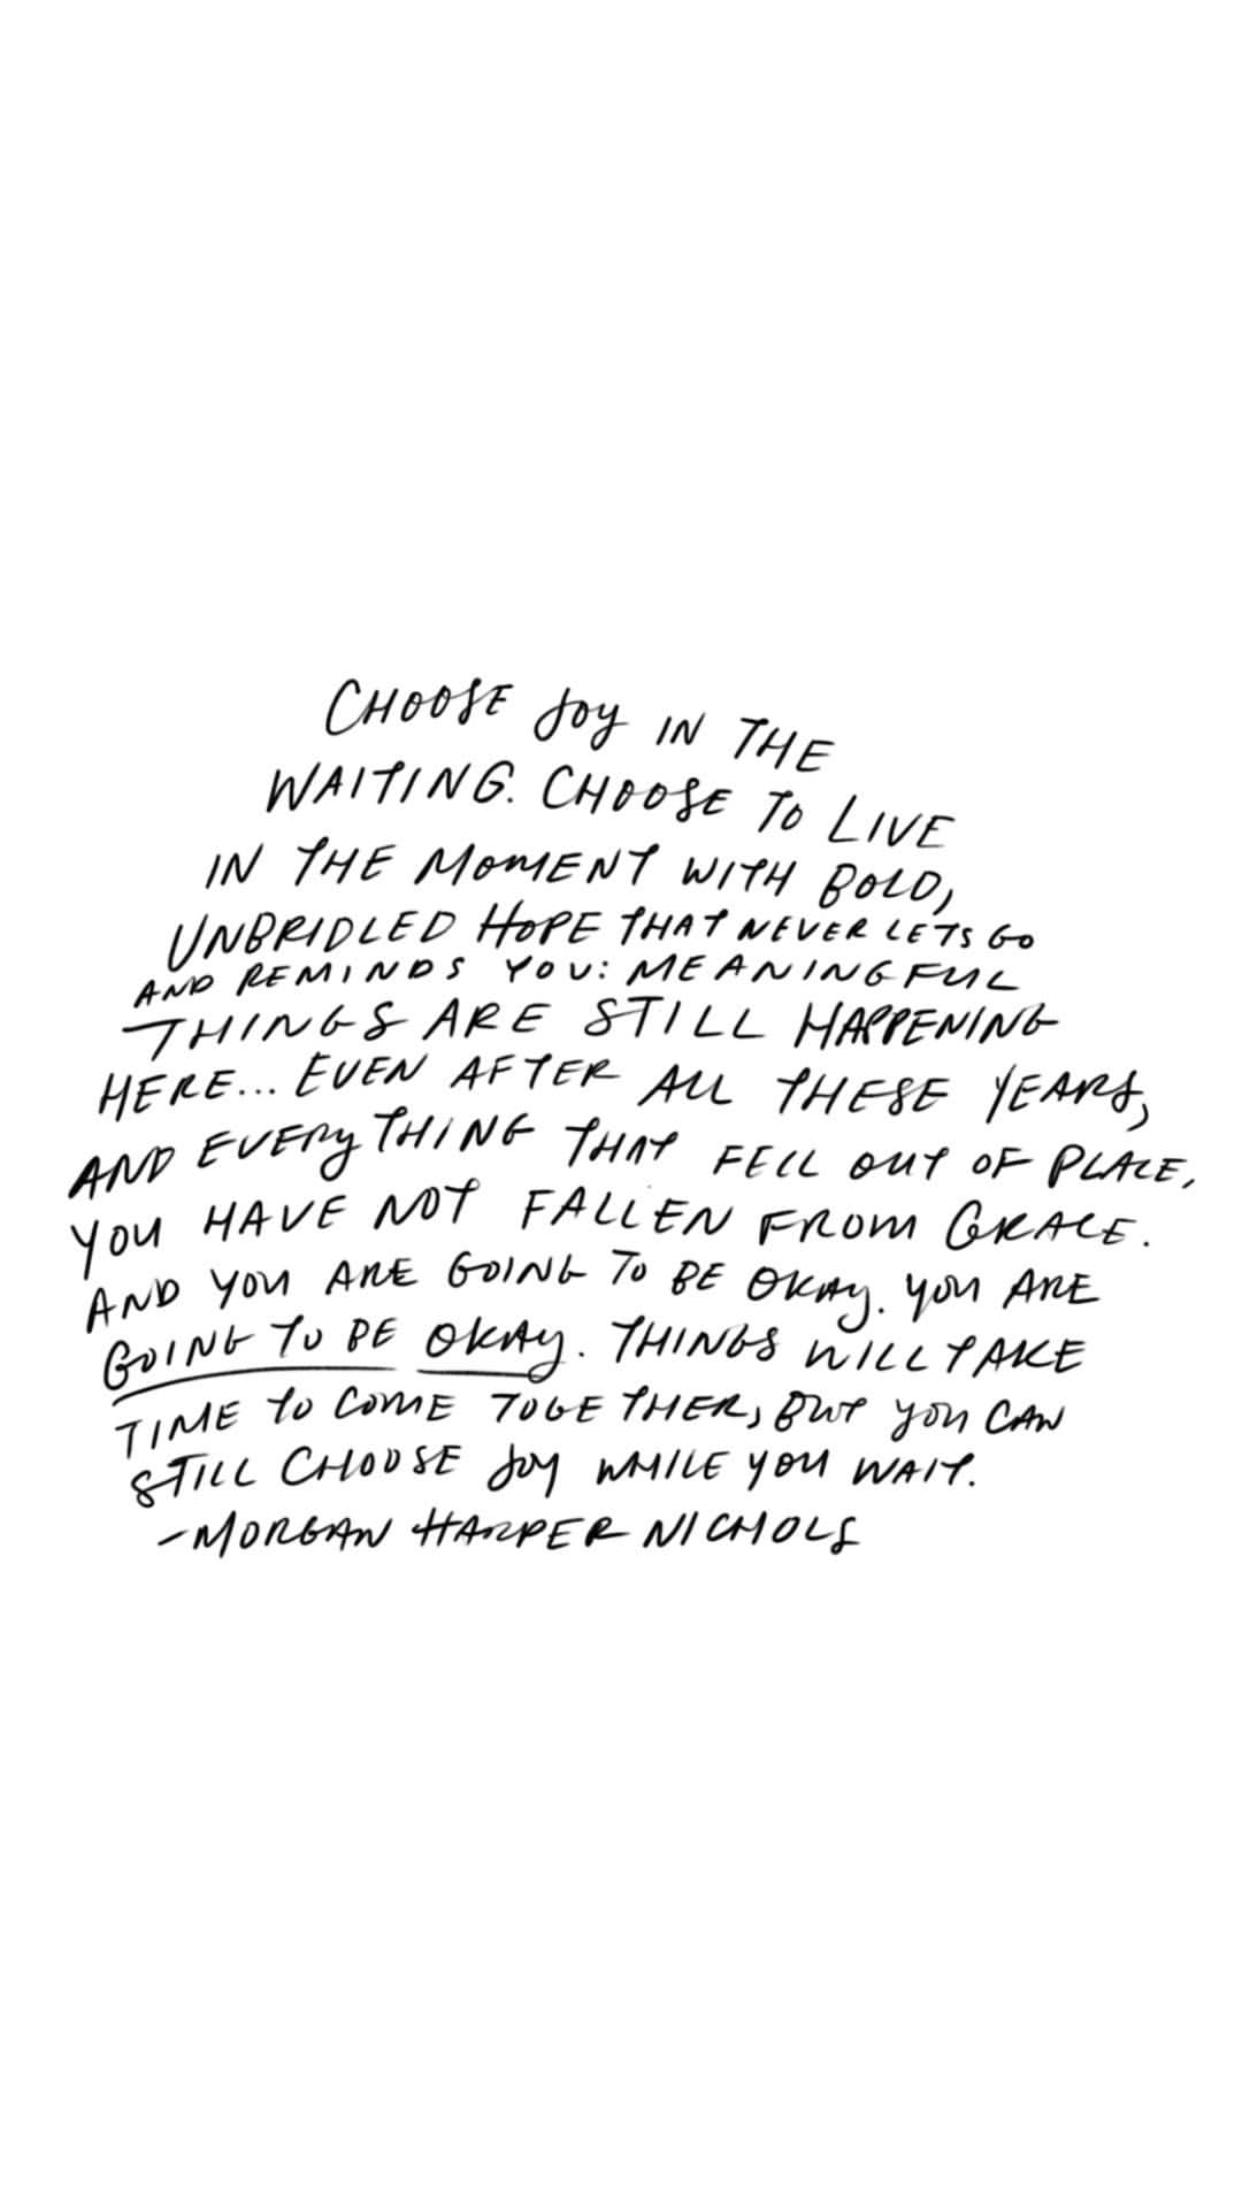 Morgan Harper Nichols Joy Quotes Choose Joy Quotes Cool Words